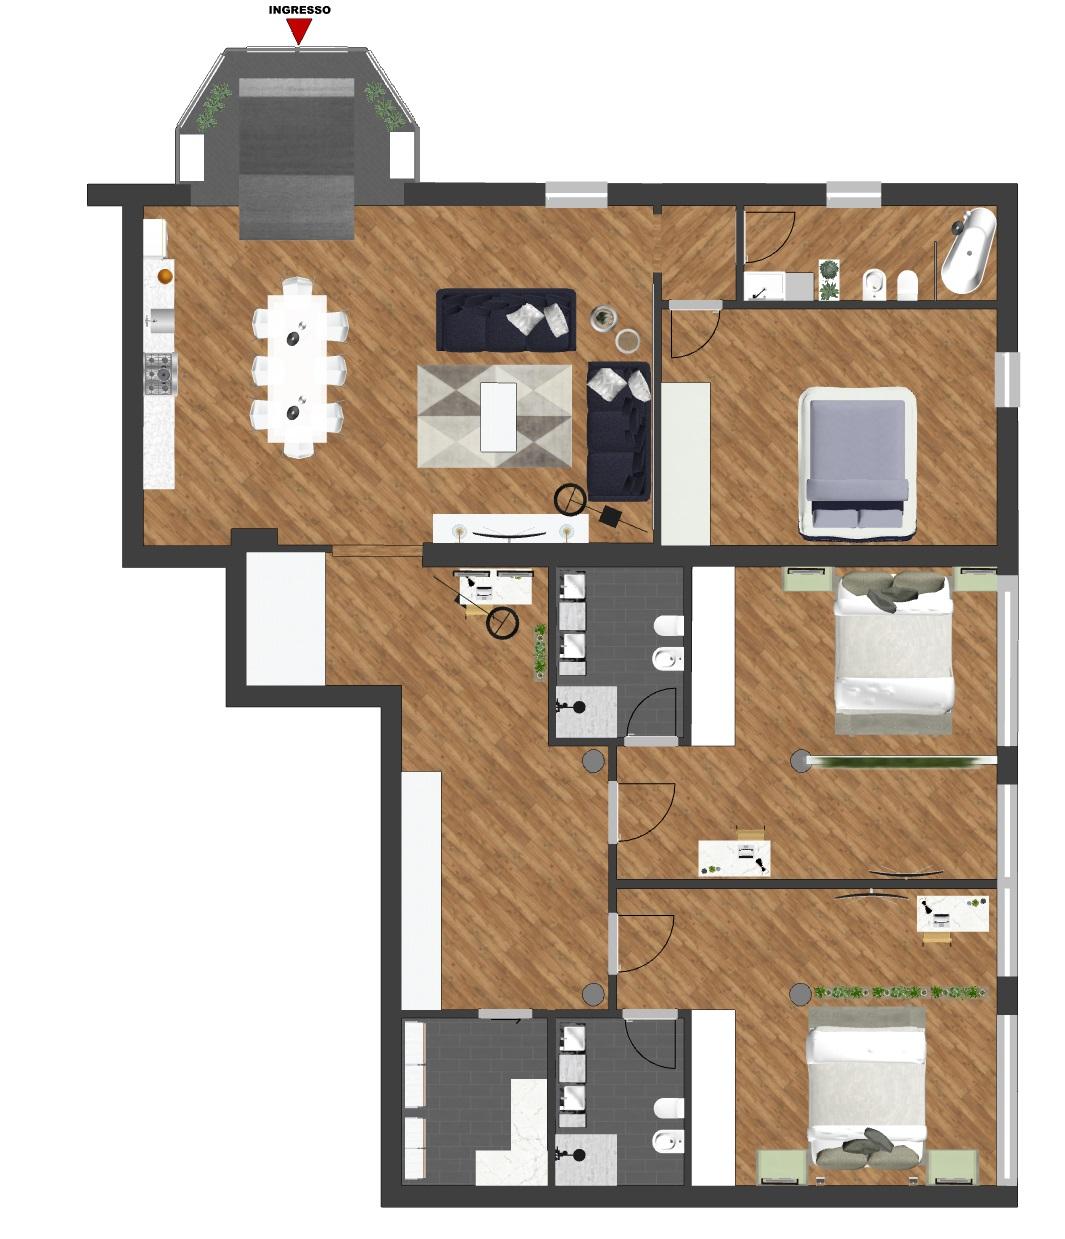 Vendita appartamento 160 mq. nuovo da impresa zona Mazzini